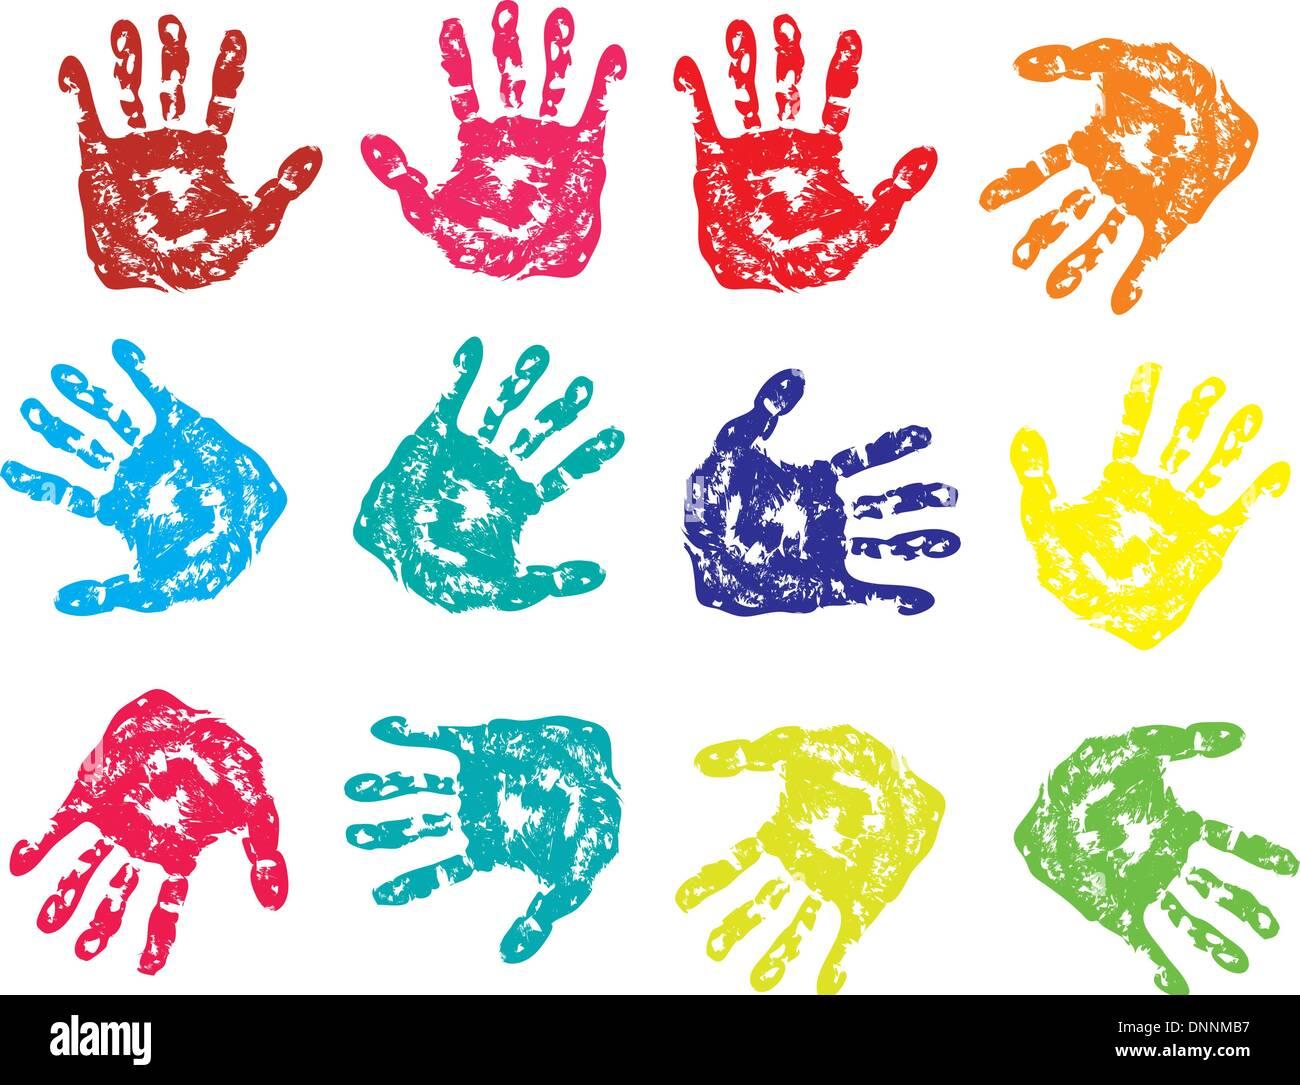 vector scaned fingerprint - Stock Image